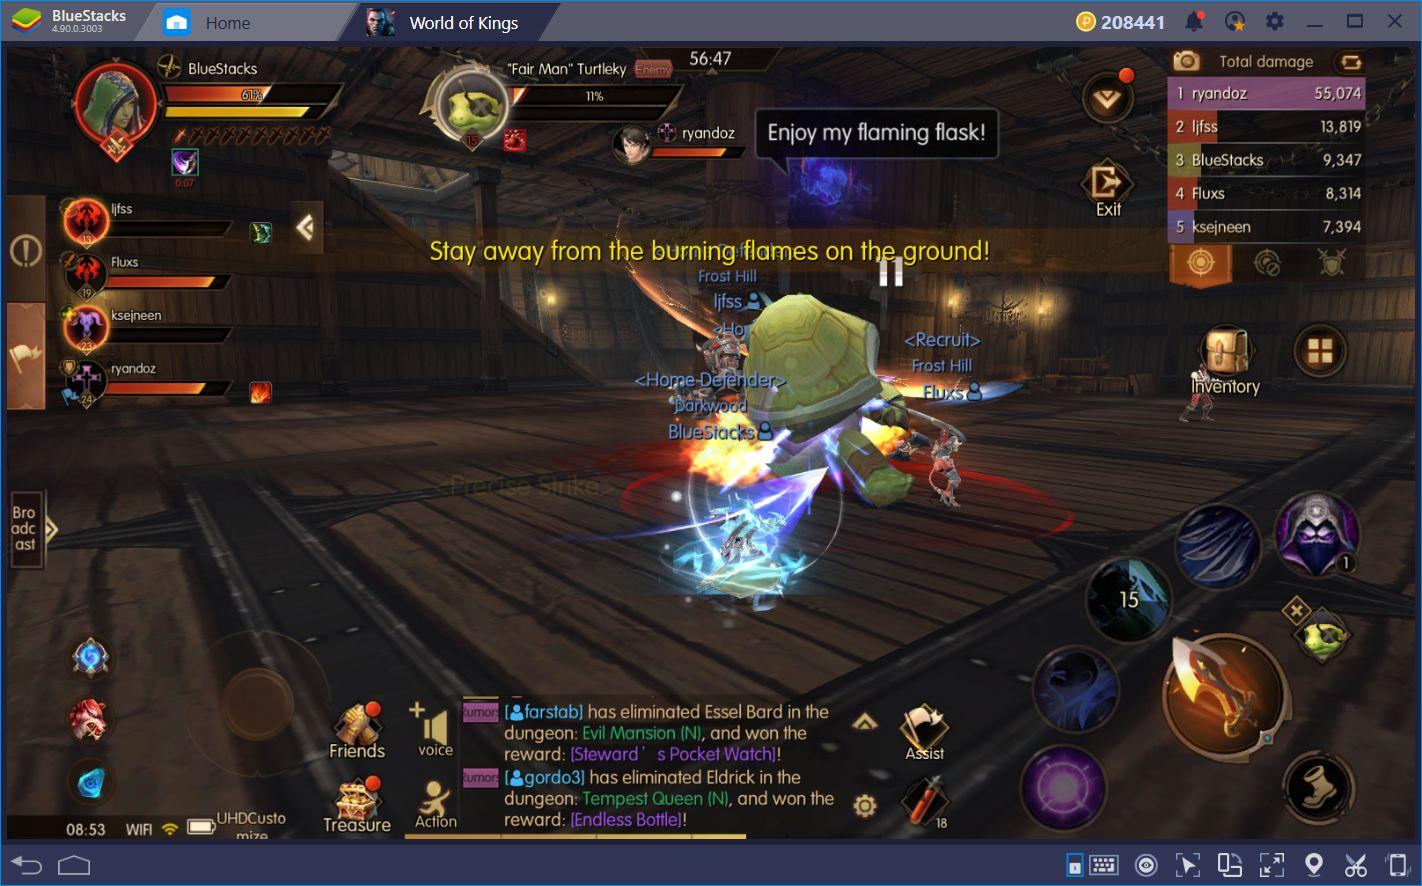 World of Kings Taktikler ve İpuçları BlueStacks Farkıyla Sizlerle